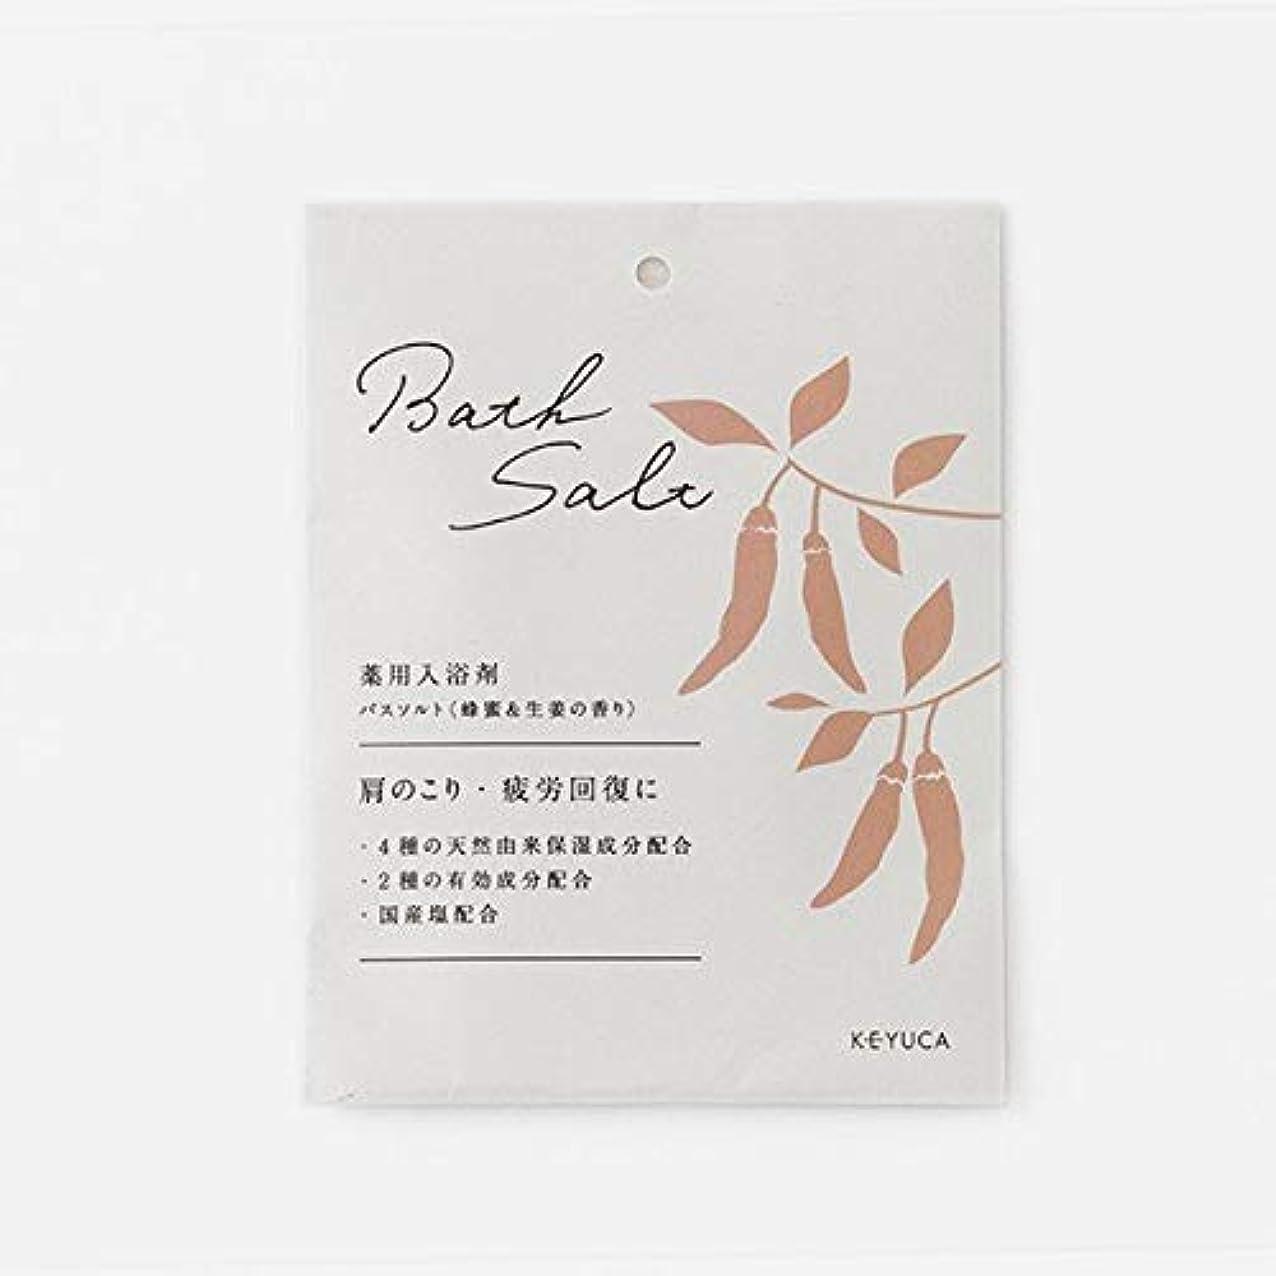 宇宙の補充悪性のKEYUCA(ケユカ) 薬用バスソルト 蜂蜜&生姜